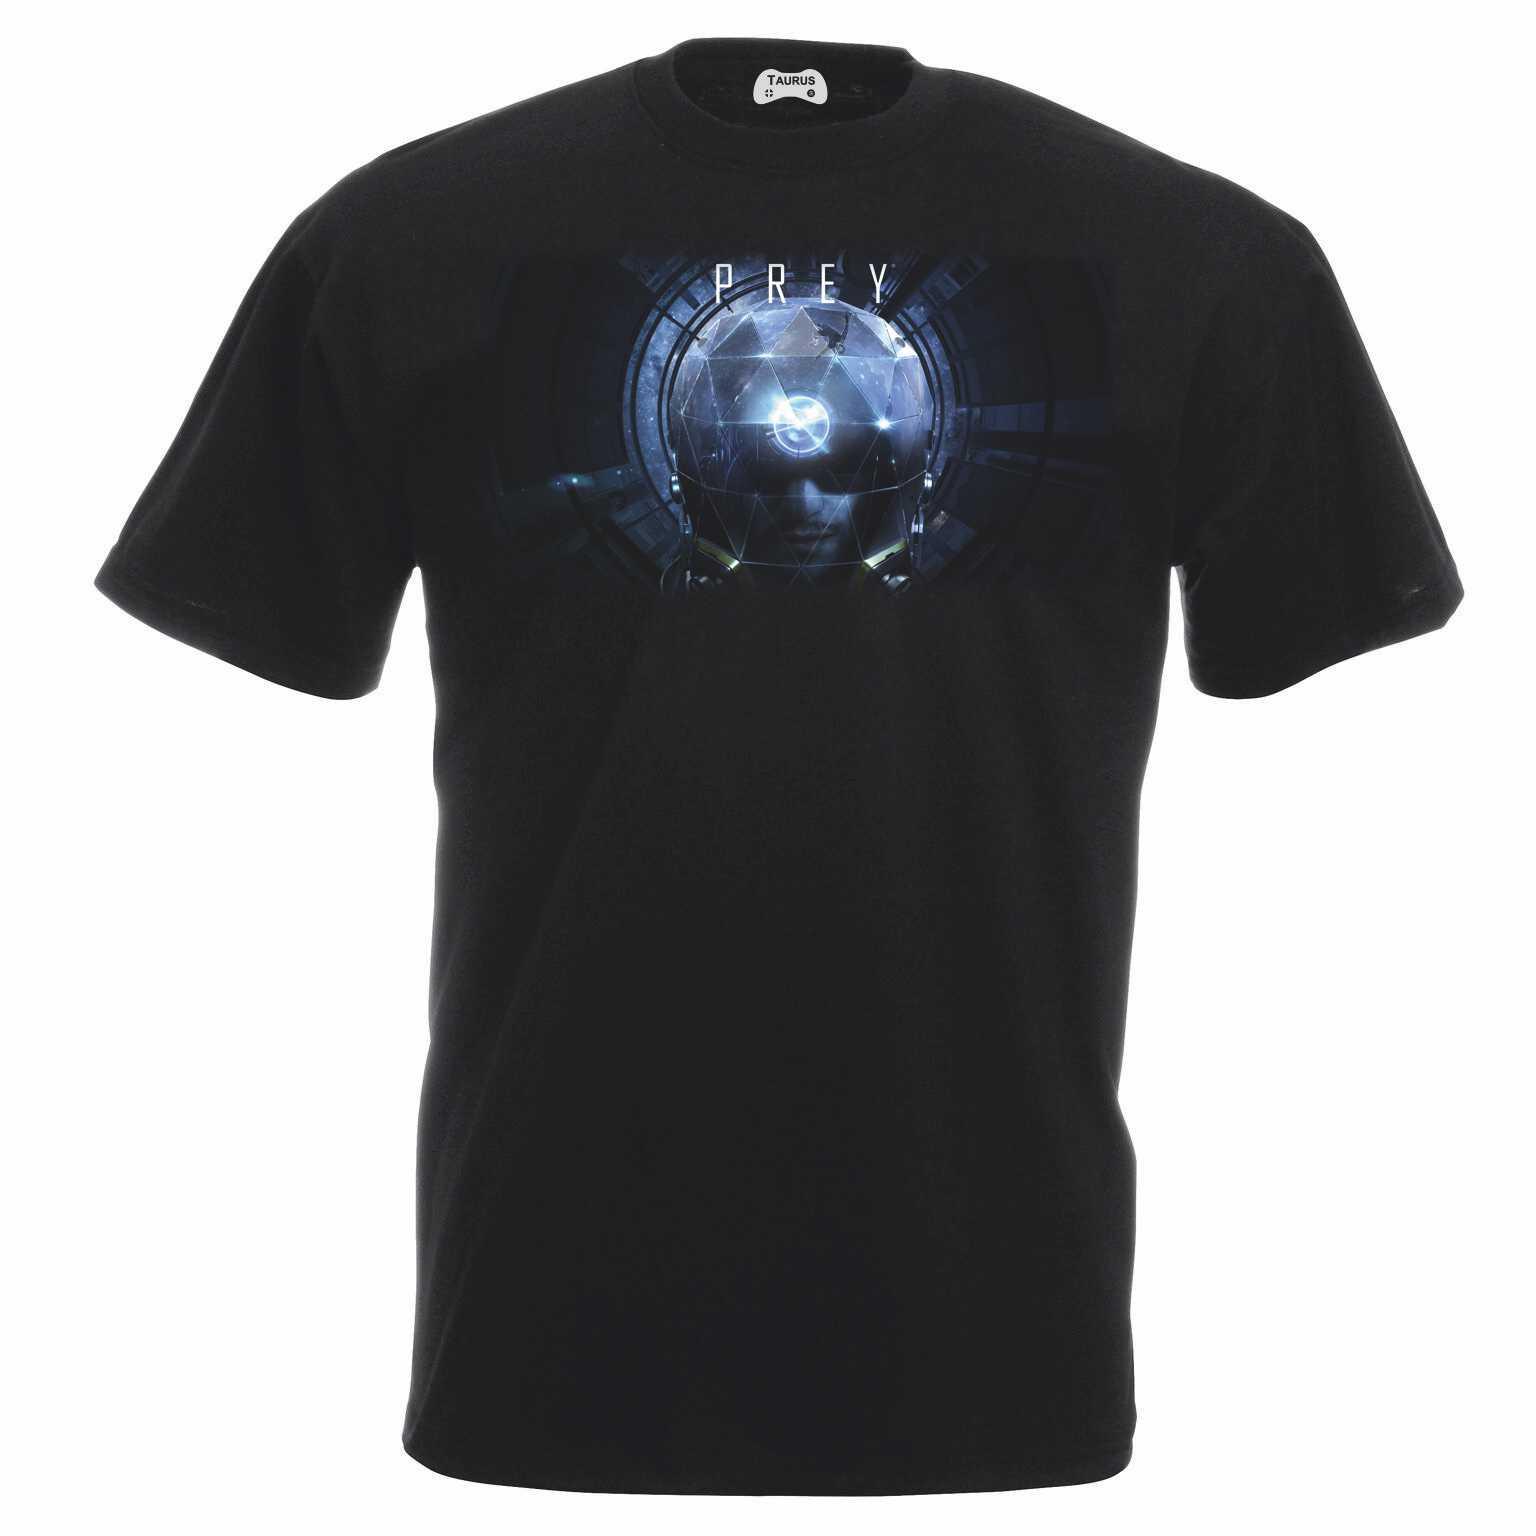 Prey T-Shirt Glow